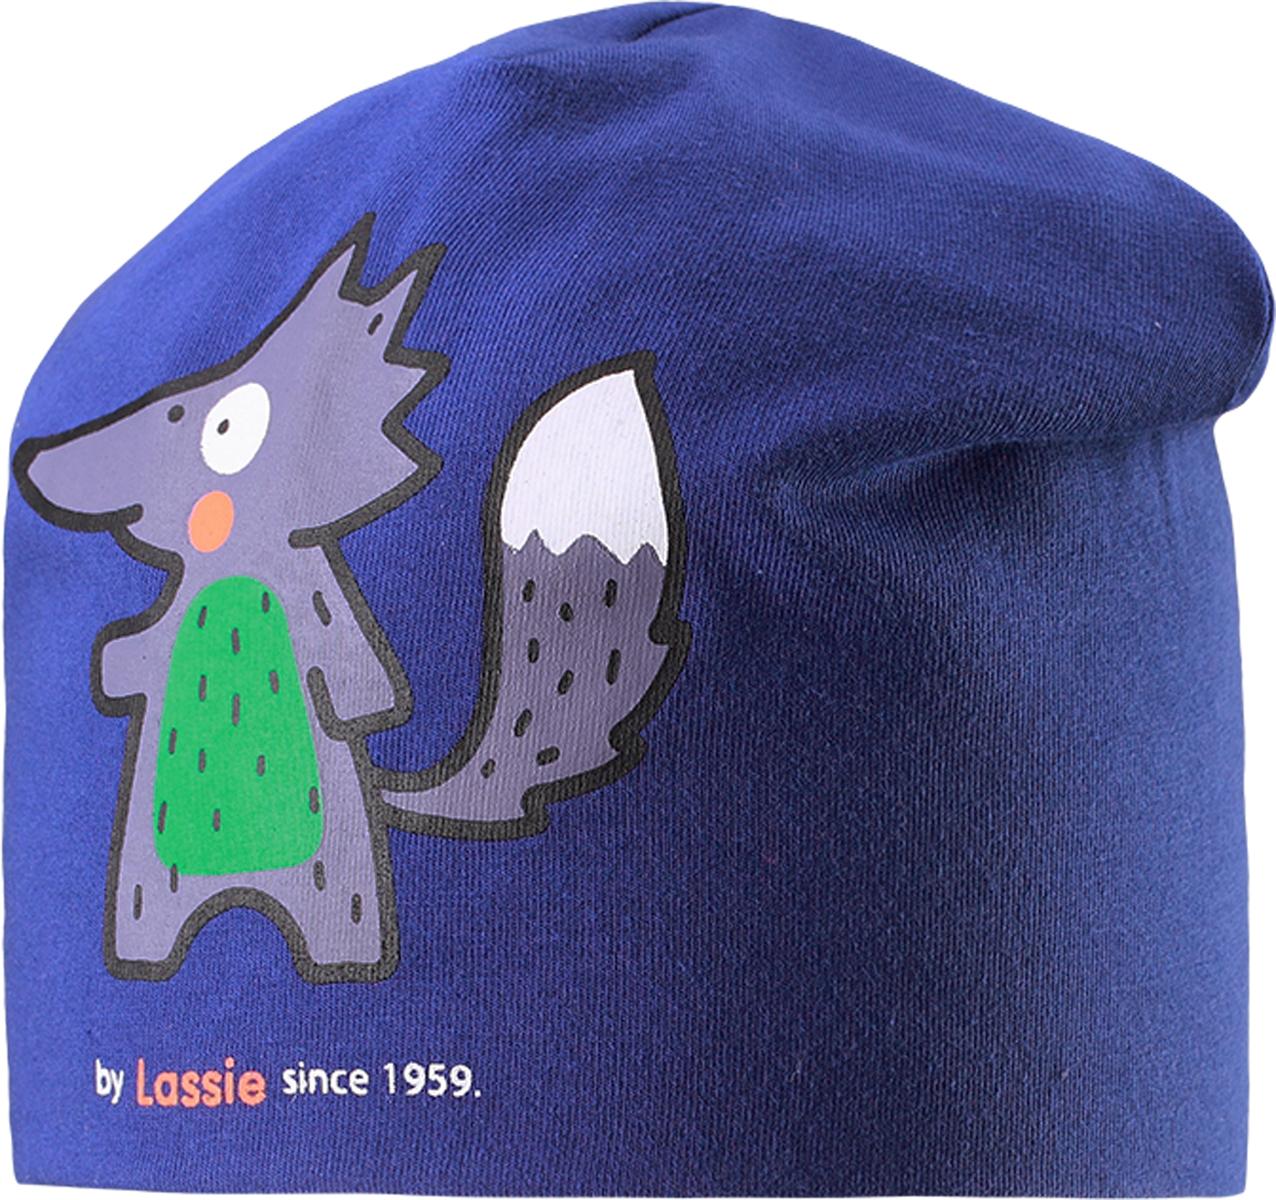 Шапка детская7187173400Базовая шапка для малышей с забавным рисунком в лисички. Шапка сделана из легкого и удобного джерси на полной трикотажной подкладке из гладкого дышащего смесового хлопка. Она снабжена рисунком сбоку и светоотражающей эмблемой на заднем шве.